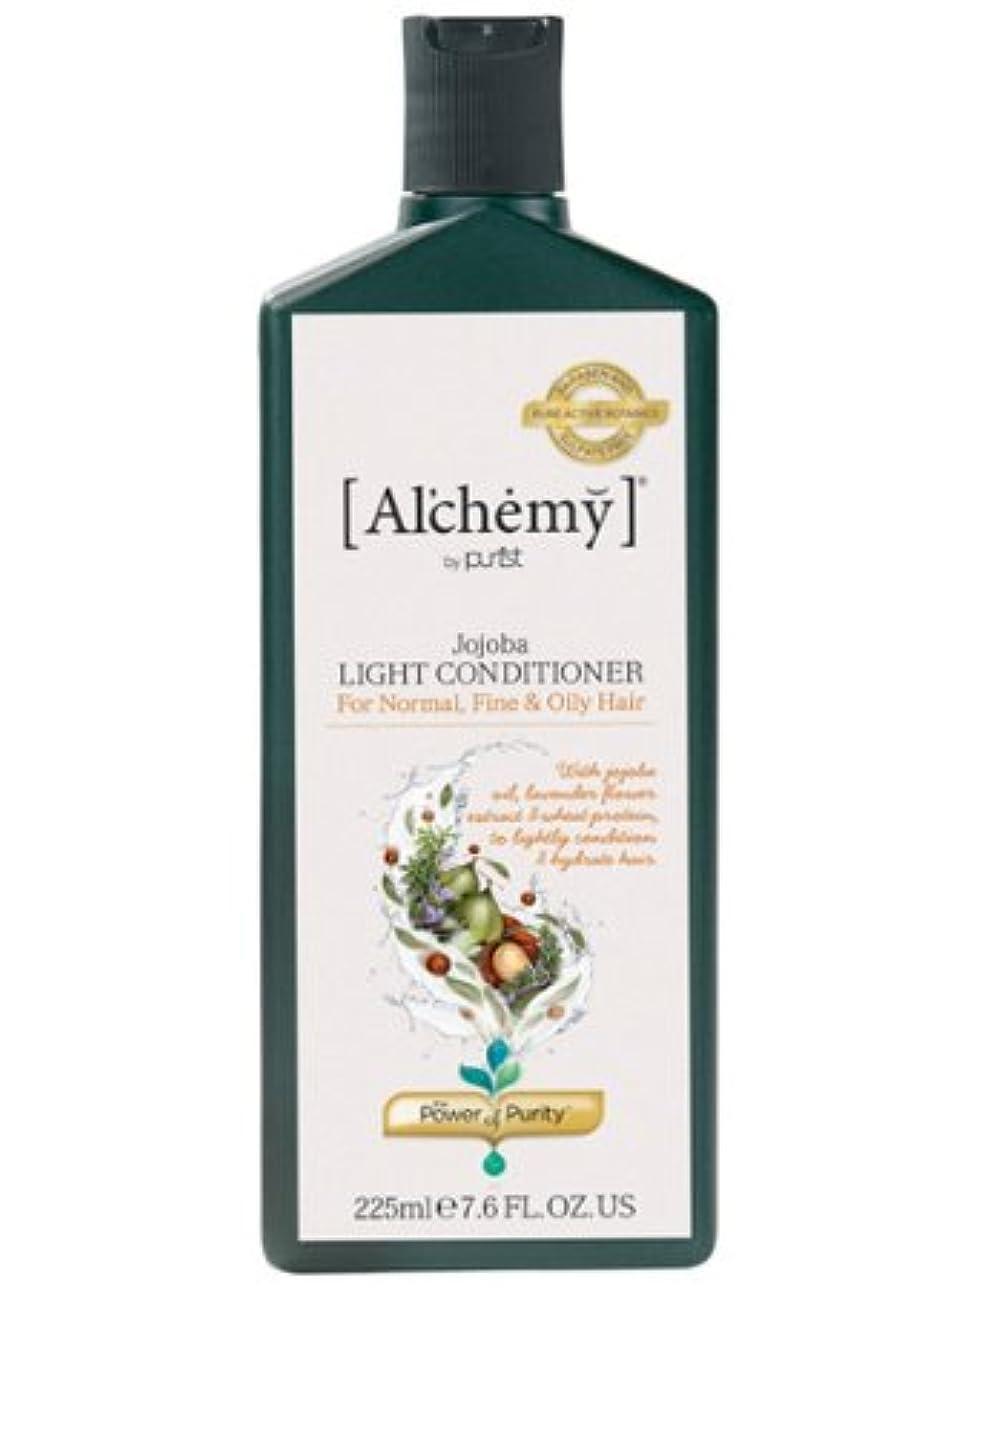 はっきりと運命テスト【Al'chemy(alchemy)】アルケミー ホホバライト コンディショナー(Jojoba, Light Conditioner)(ノーマルヘア用)225ml